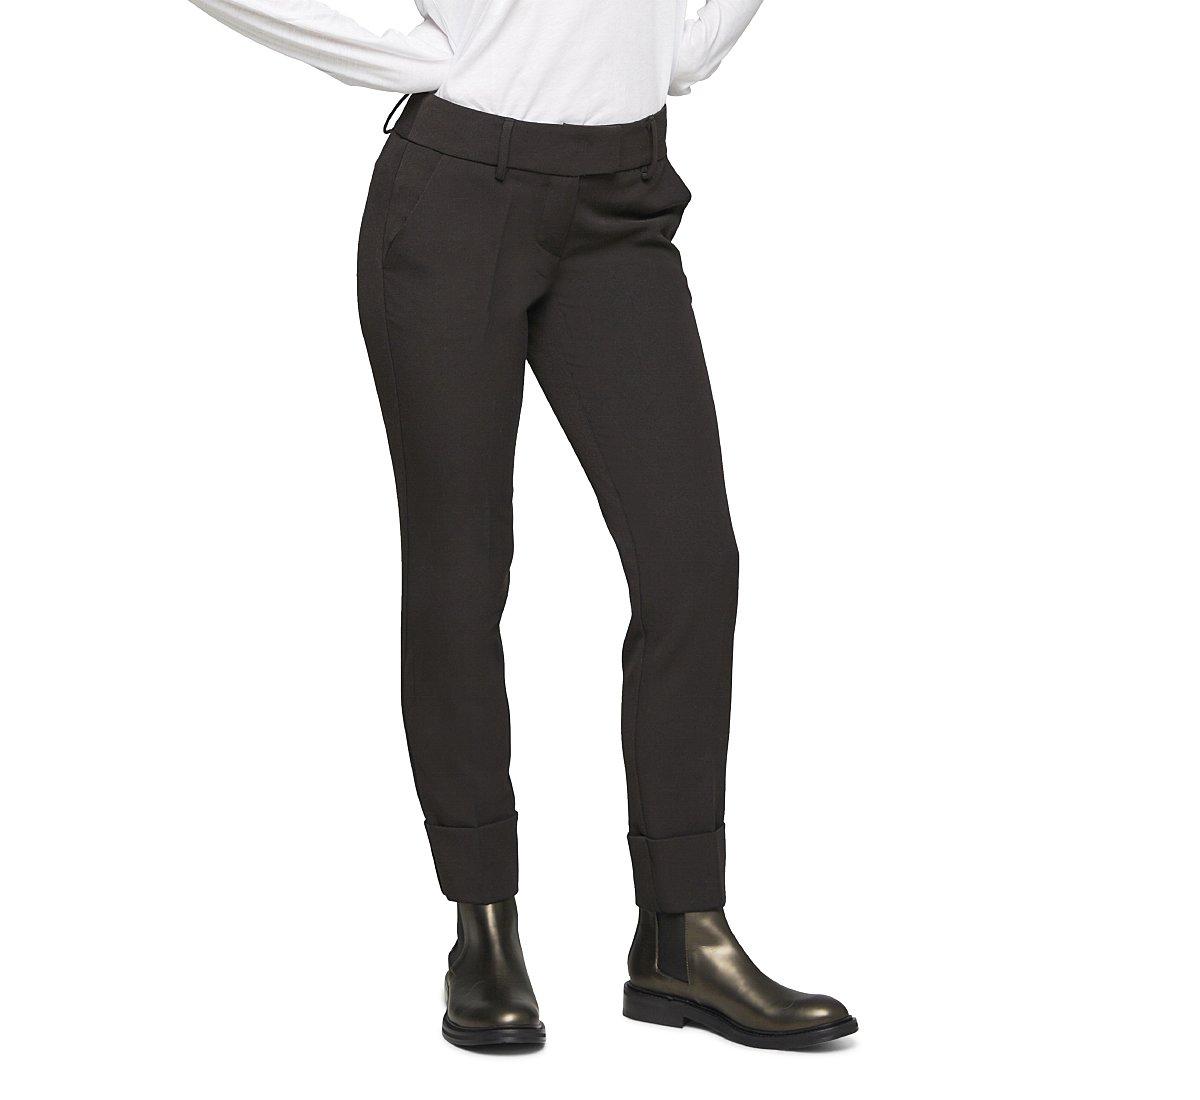 Pantaloni classic vita media